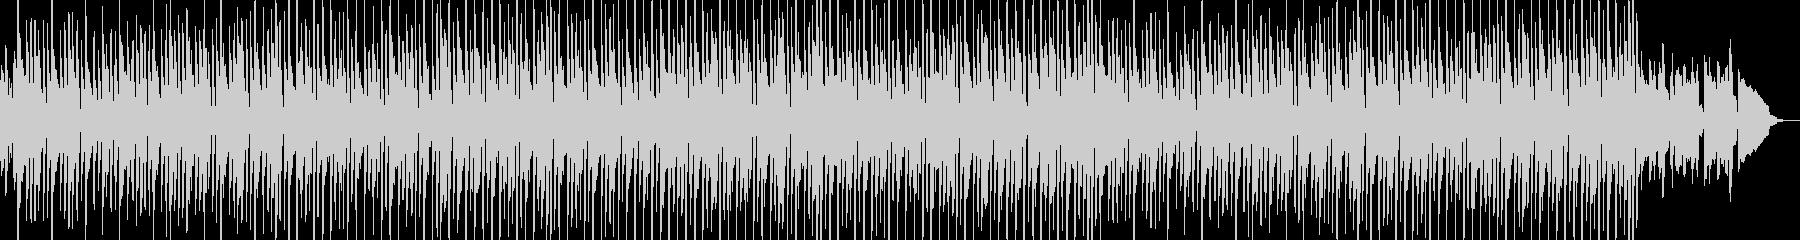 ビンテージドラムマシンの心地よいロ...の未再生の波形